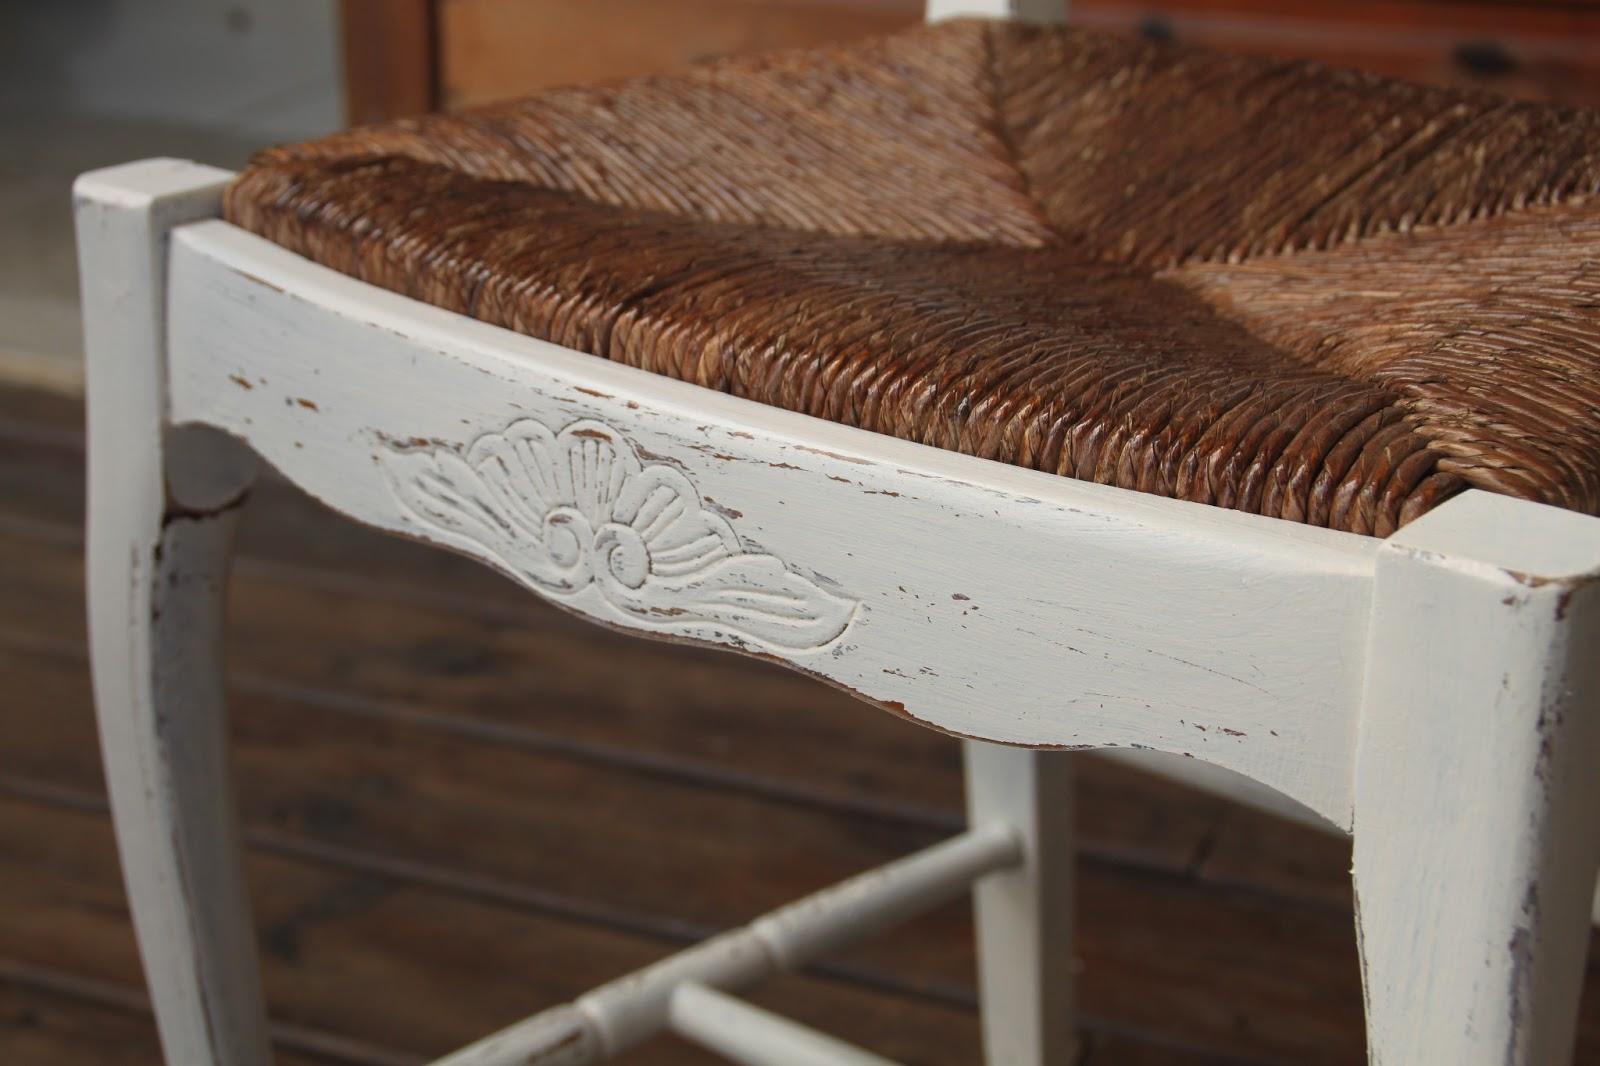 peinture d accroche pour bois vernis atelier retouche paris. Black Bedroom Furniture Sets. Home Design Ideas